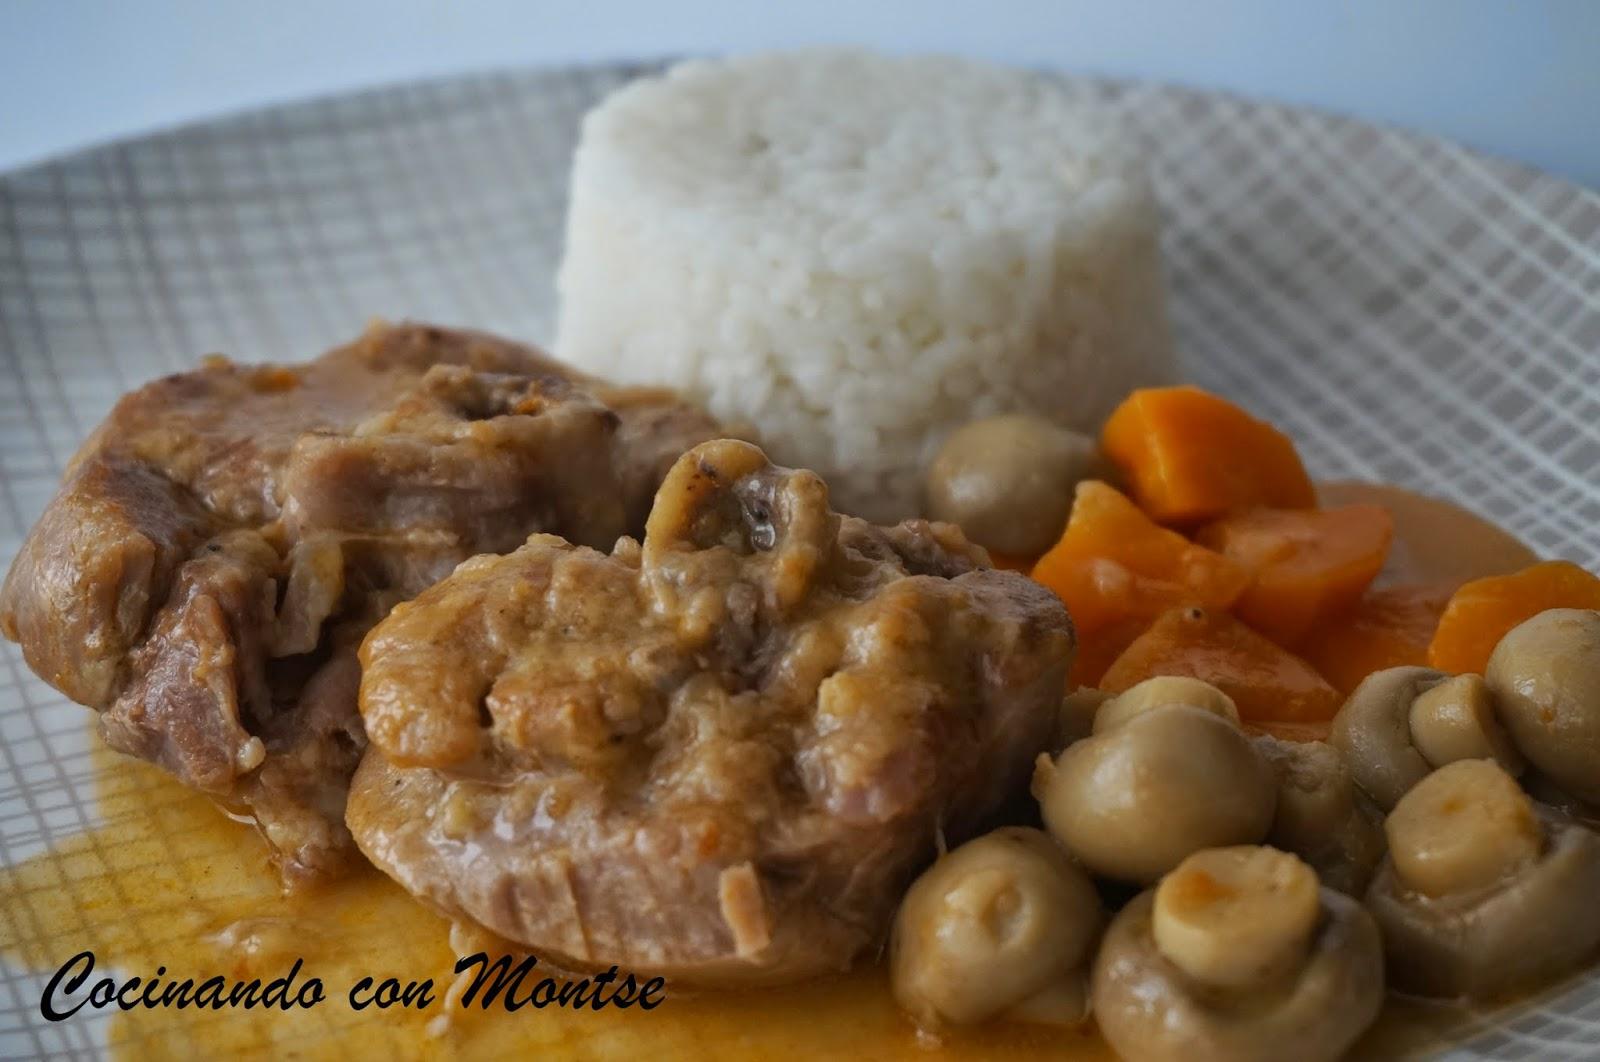 Cocinando con Montse: Osobuco de pavo en olla express